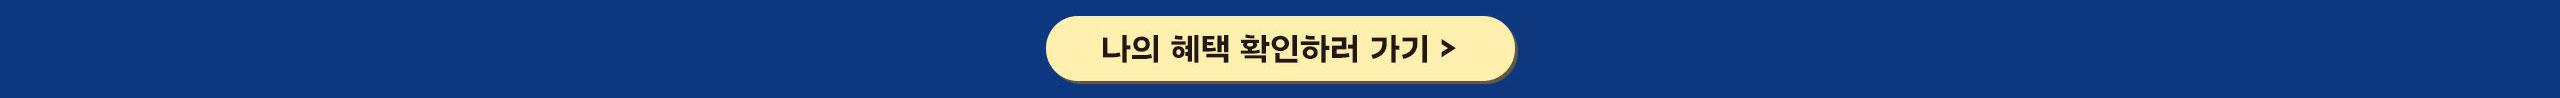 7월파바데이웹_04